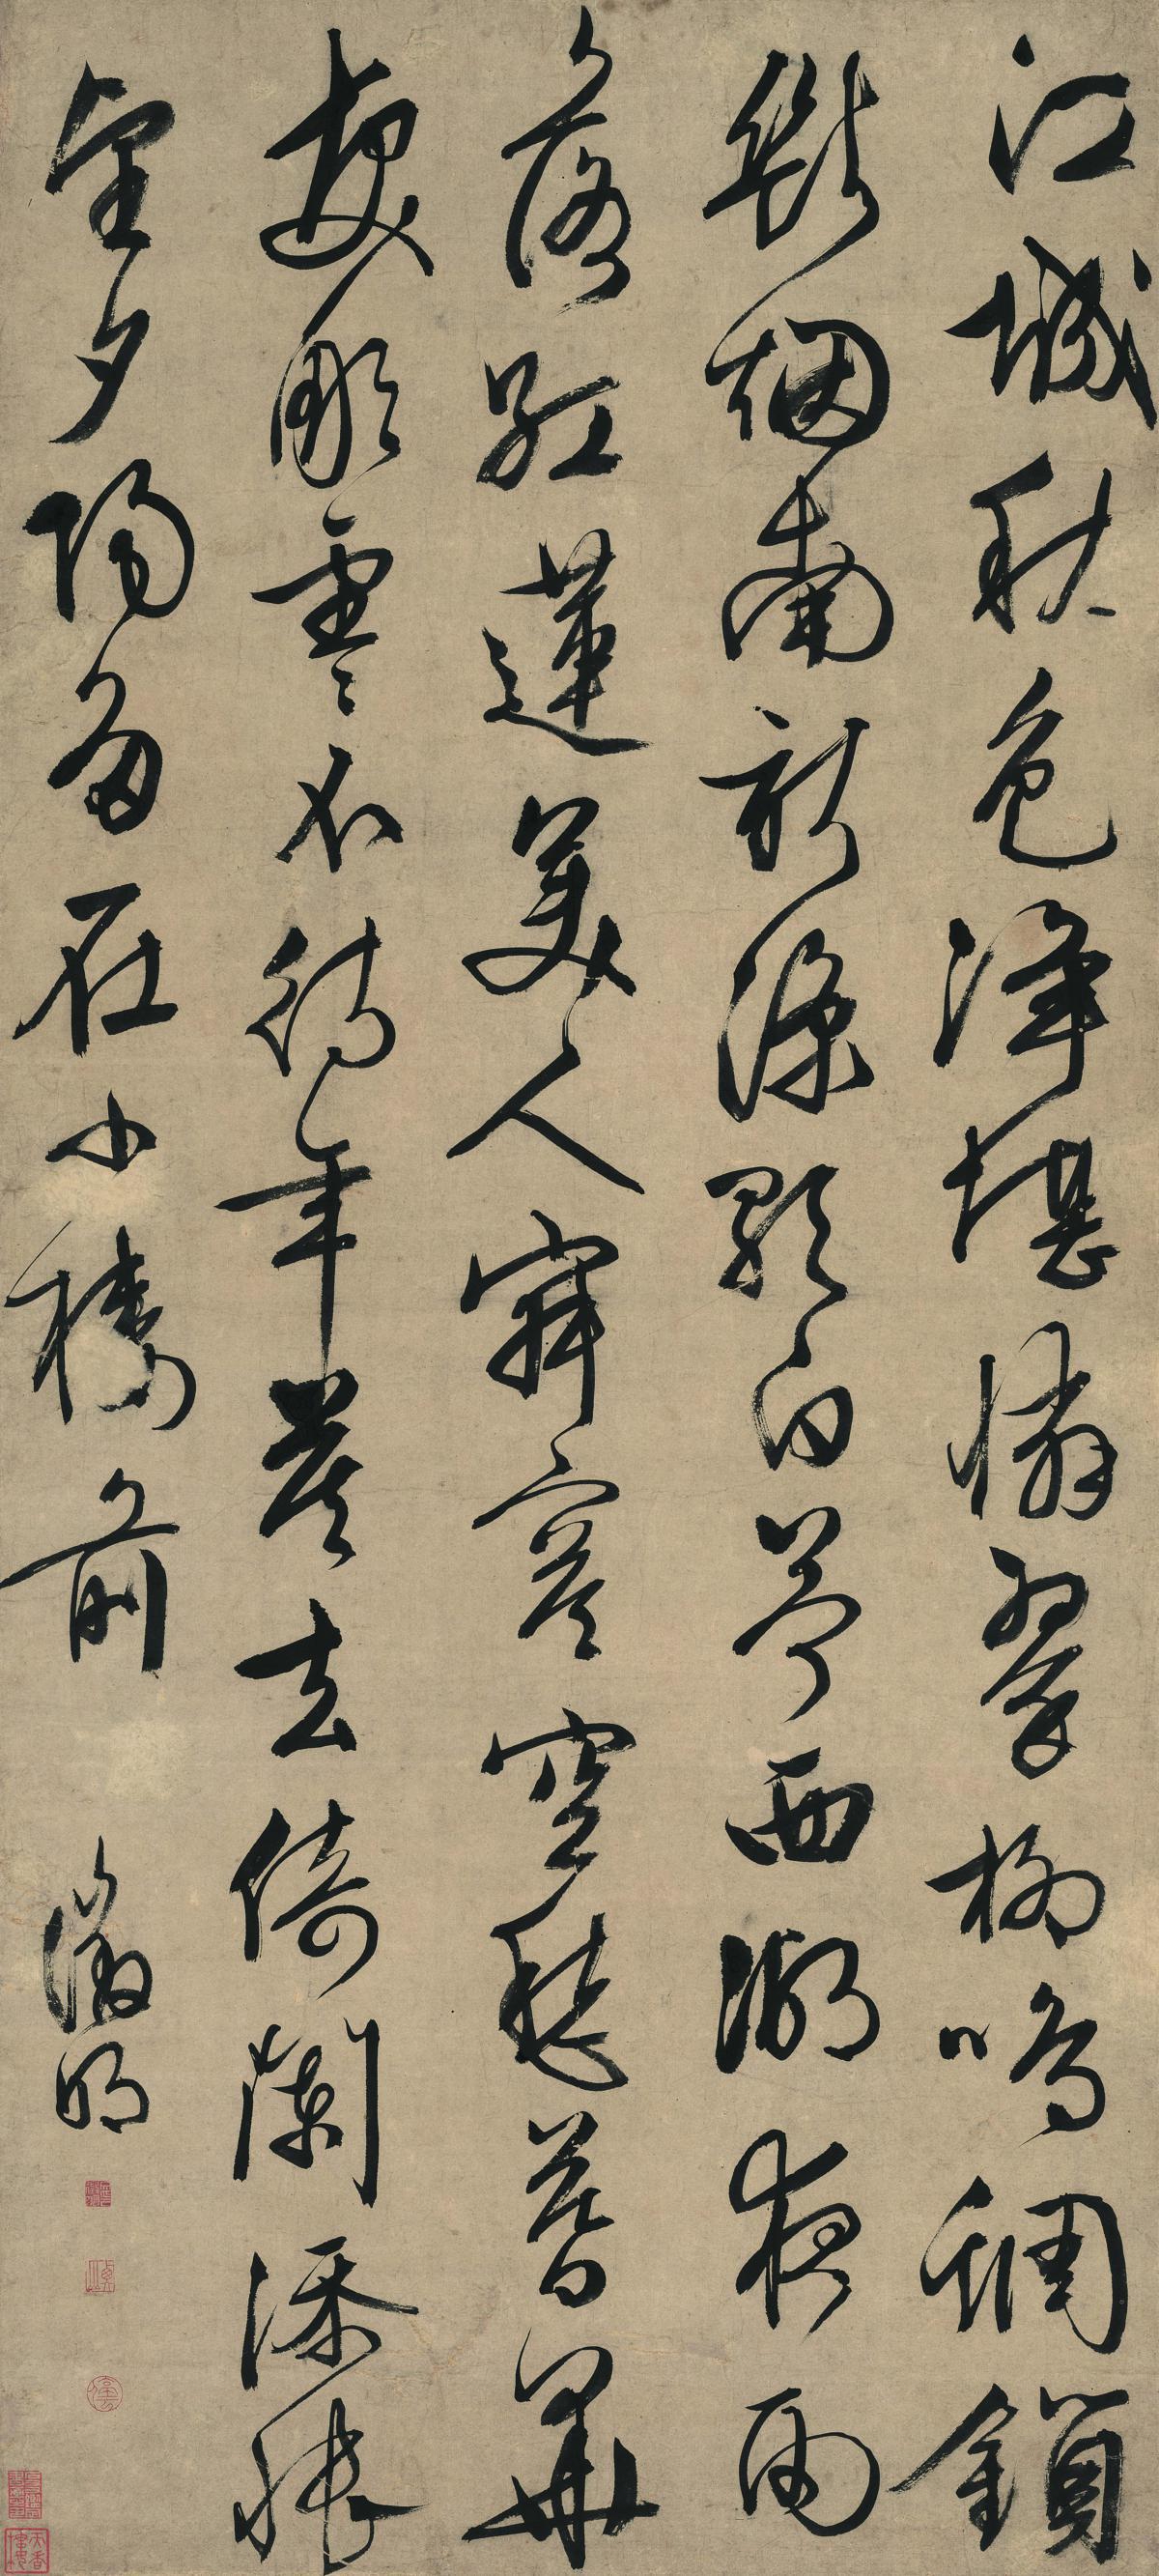 52明-文徵明-行书七律诗